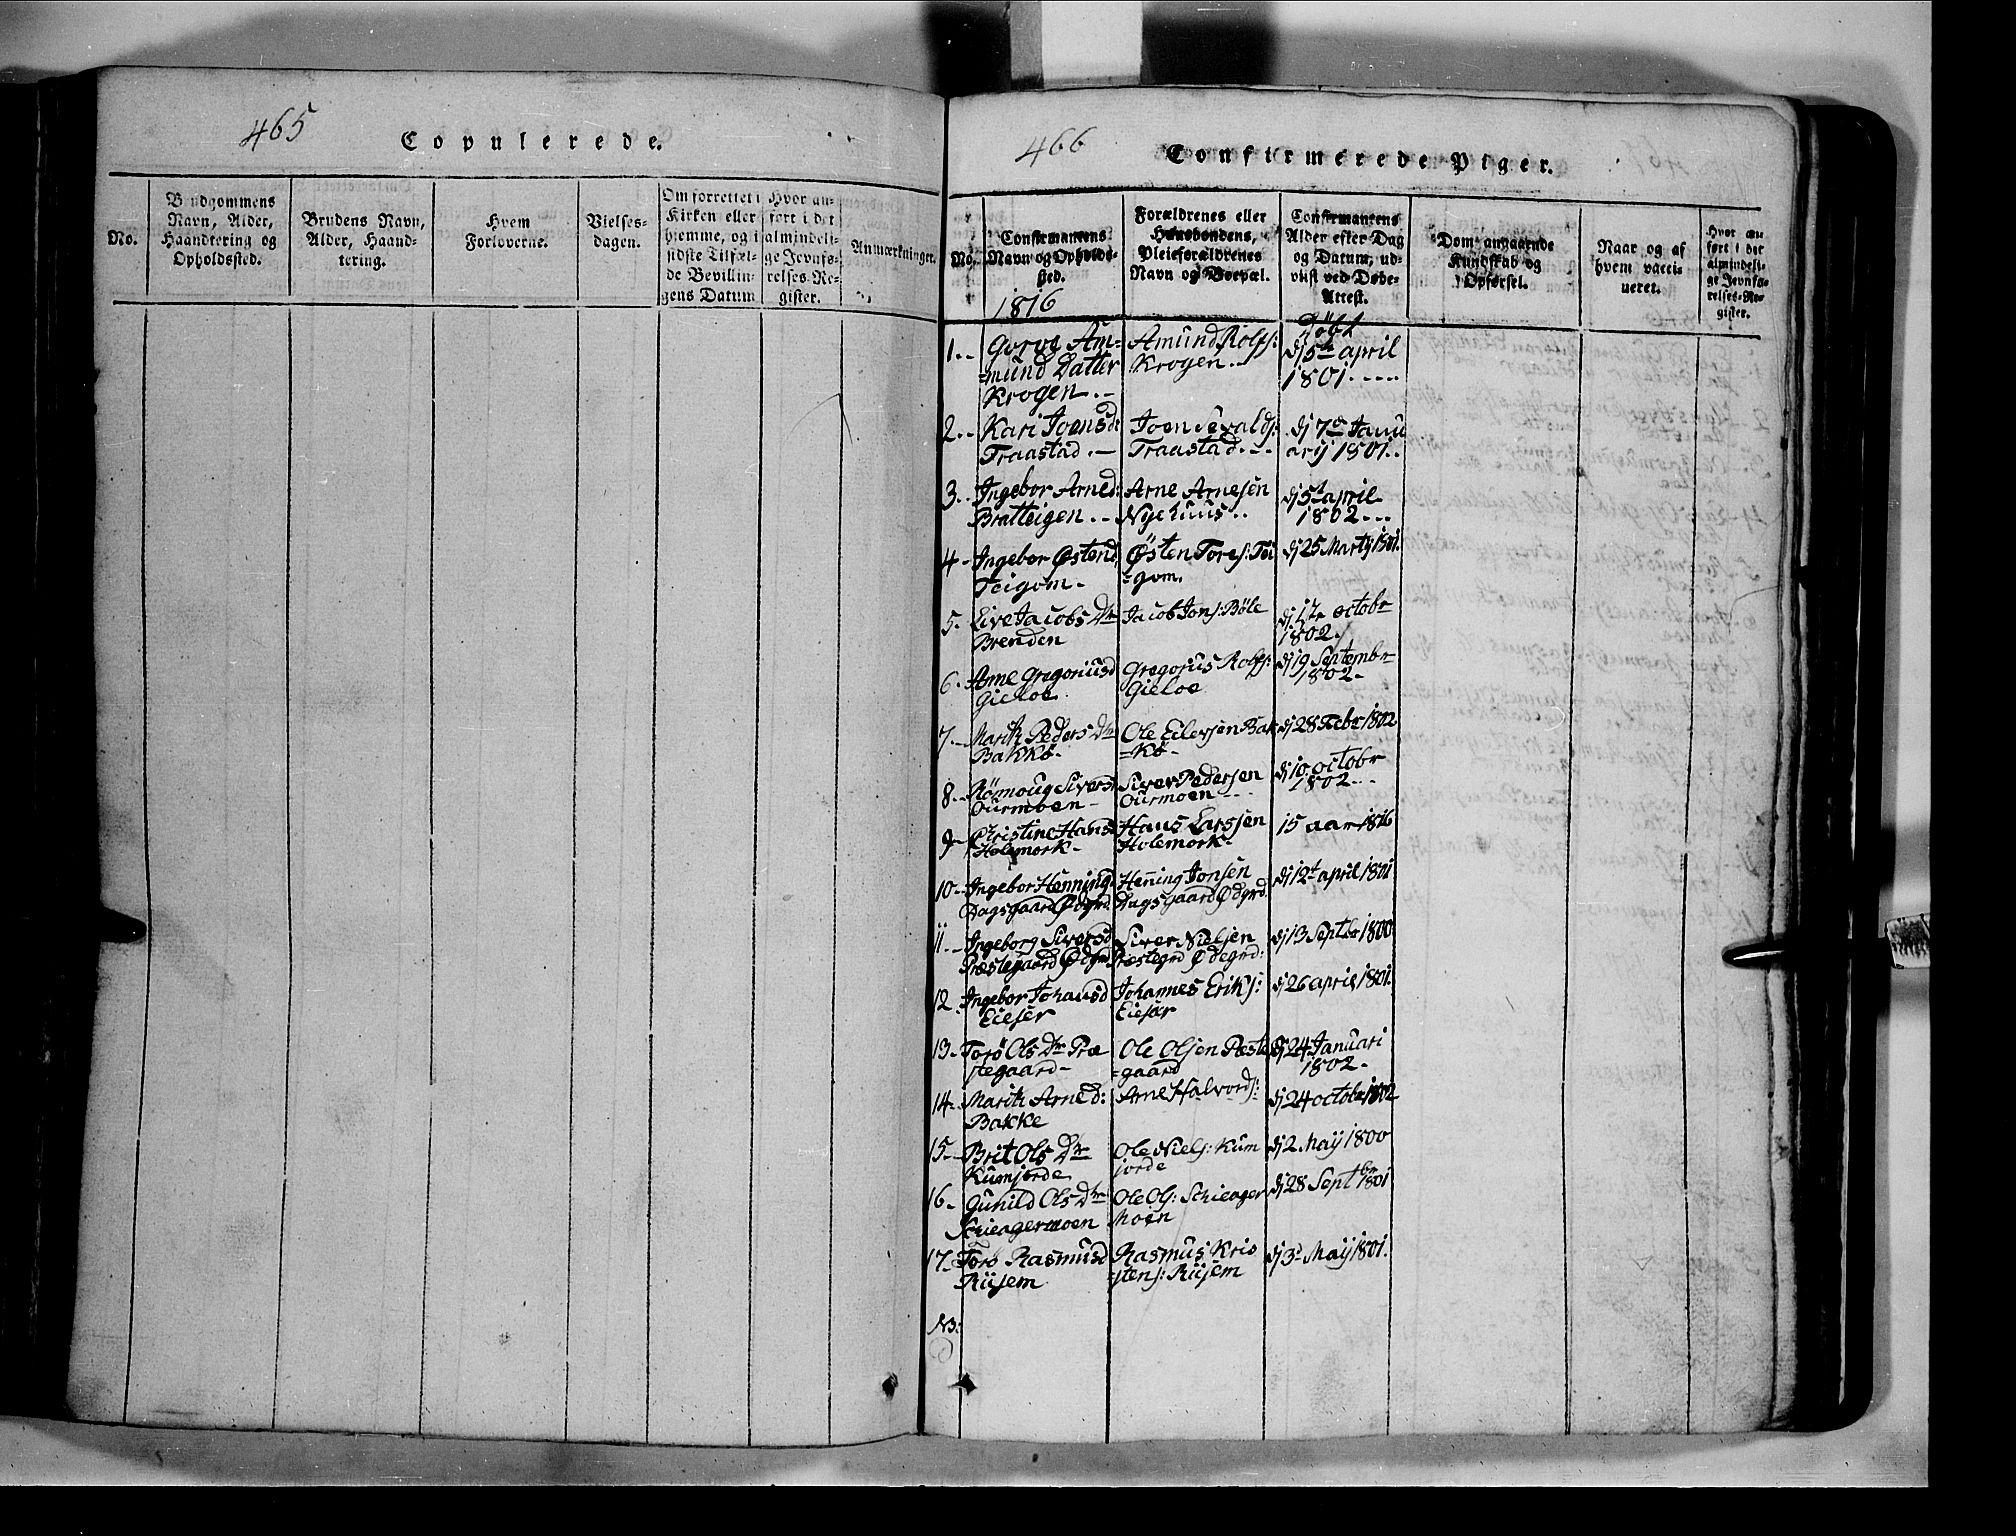 SAH, Lom prestekontor, L/L0003: Klokkerbok nr. 3, 1815-1844, s. 465-466